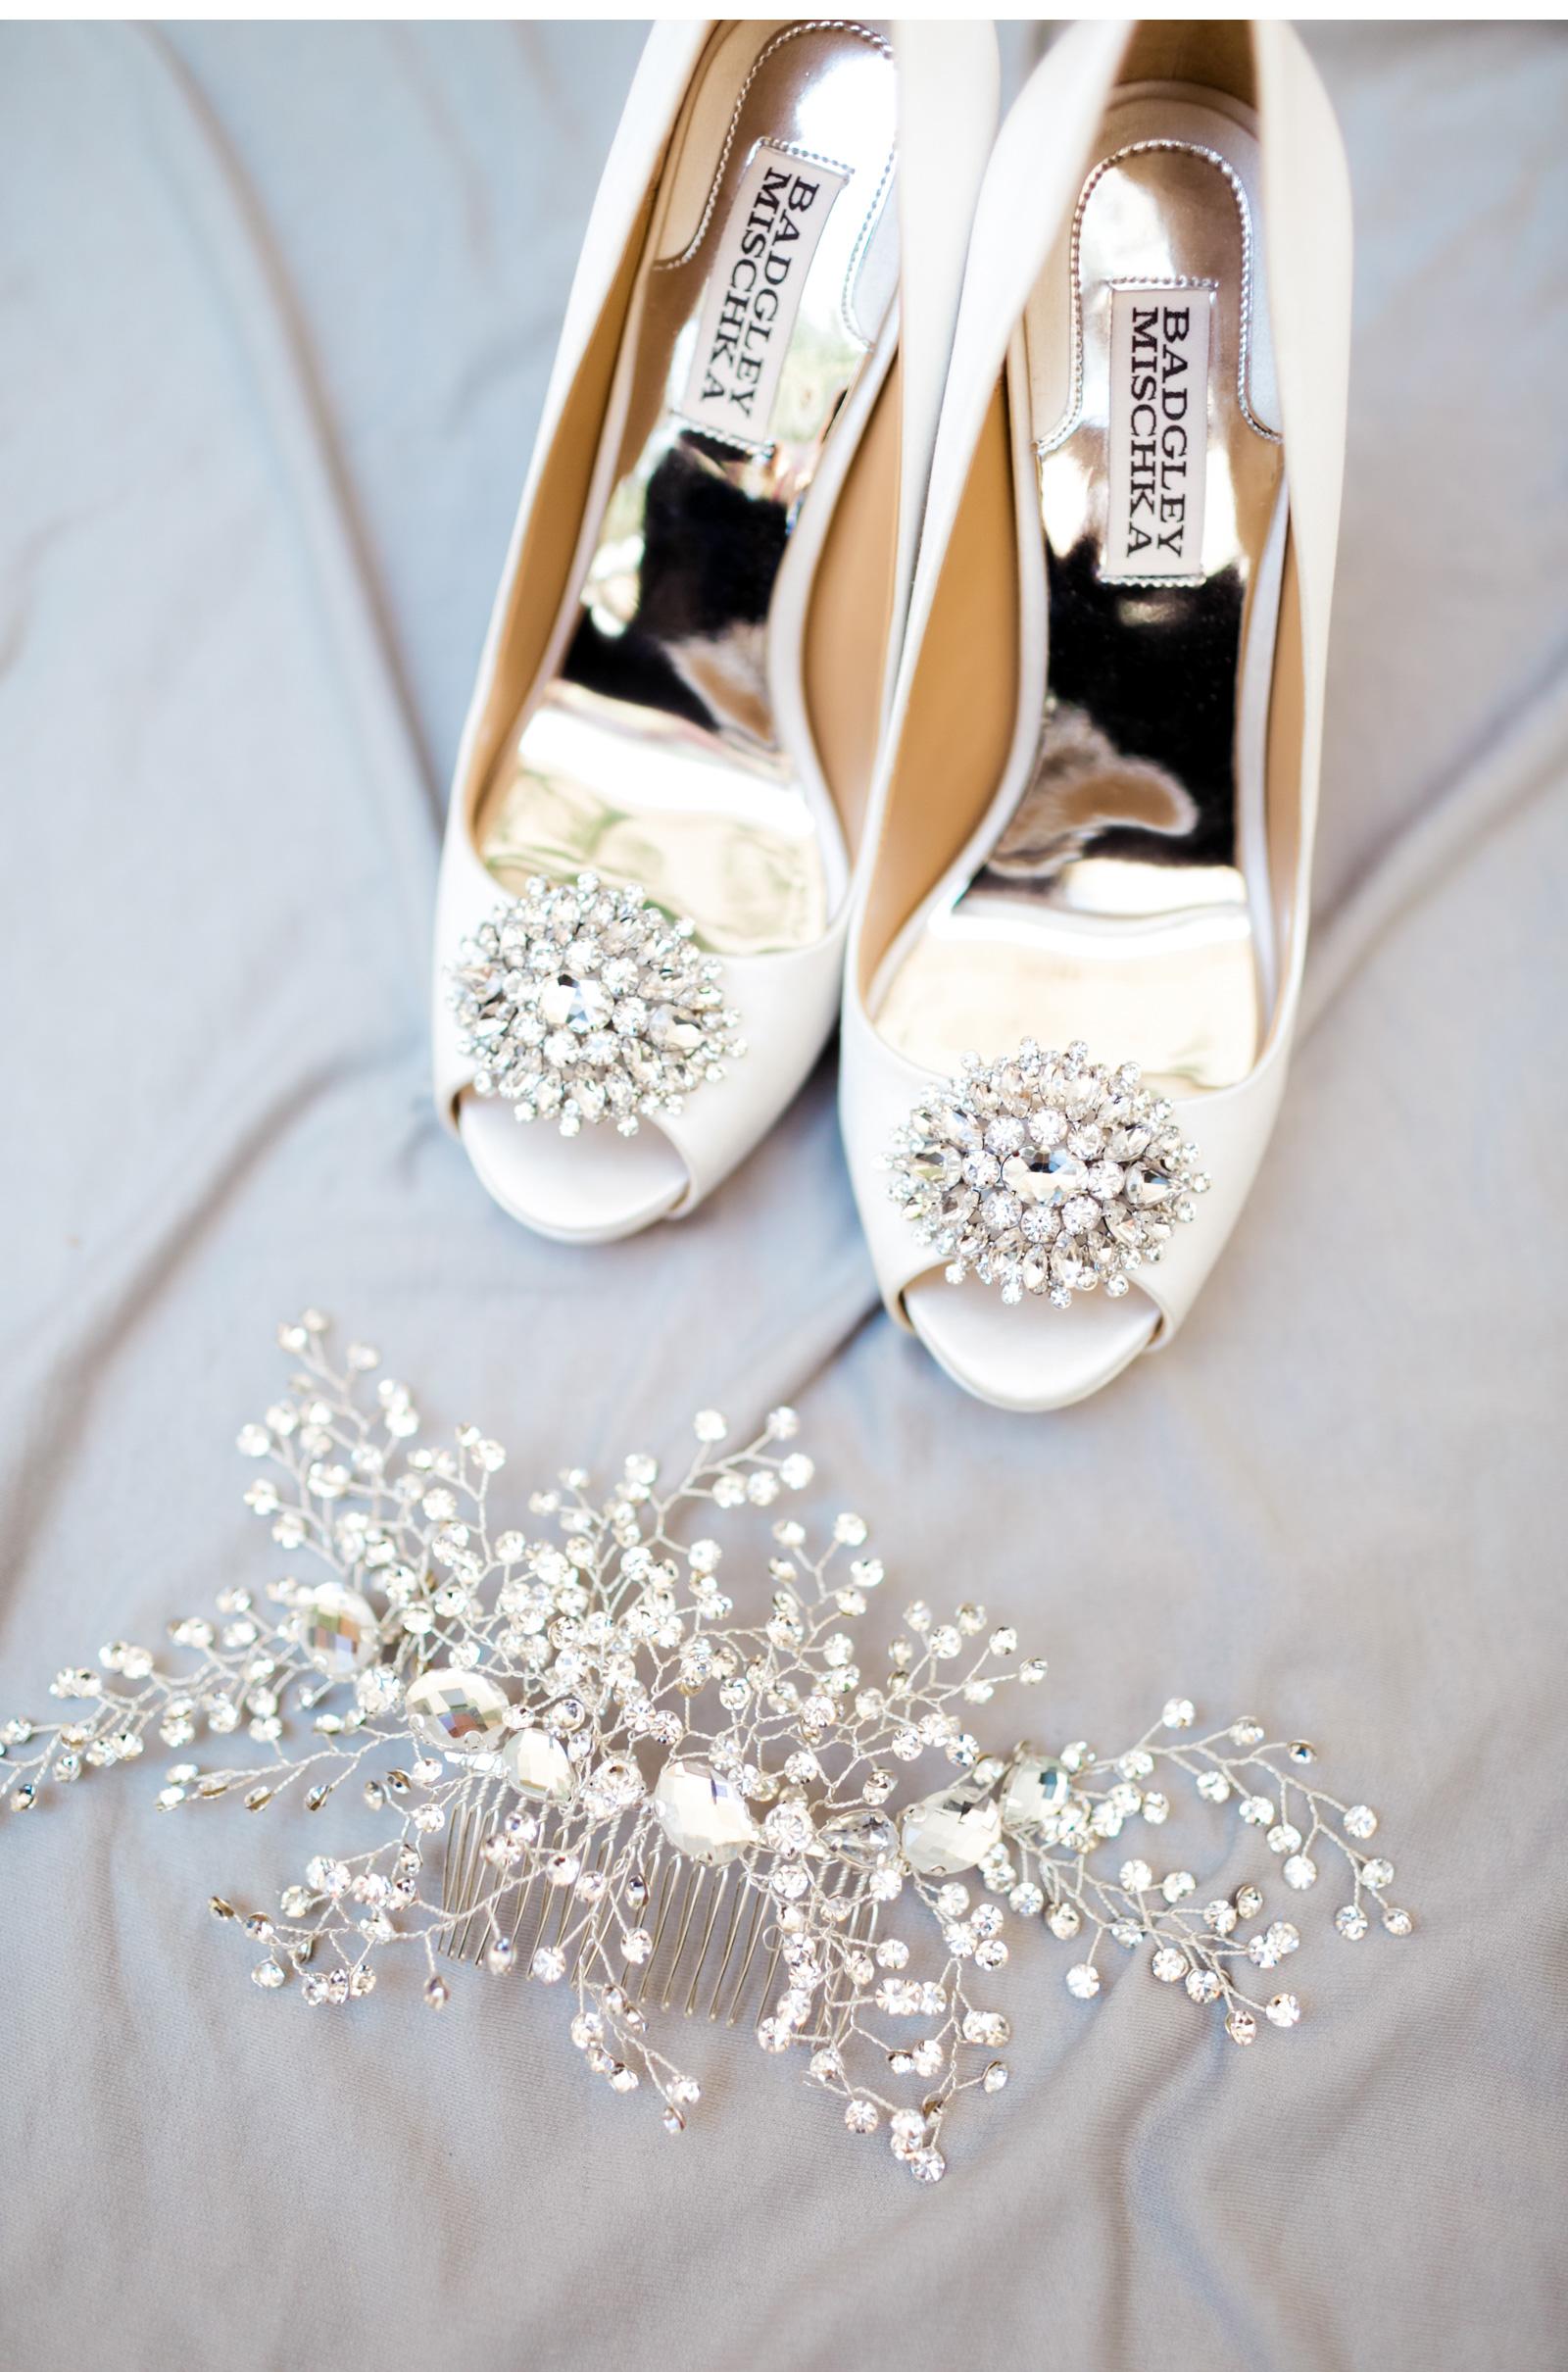 Southern-California-Fine-Art-Wedding-Natalie-Schutt-Photography_06.jpg